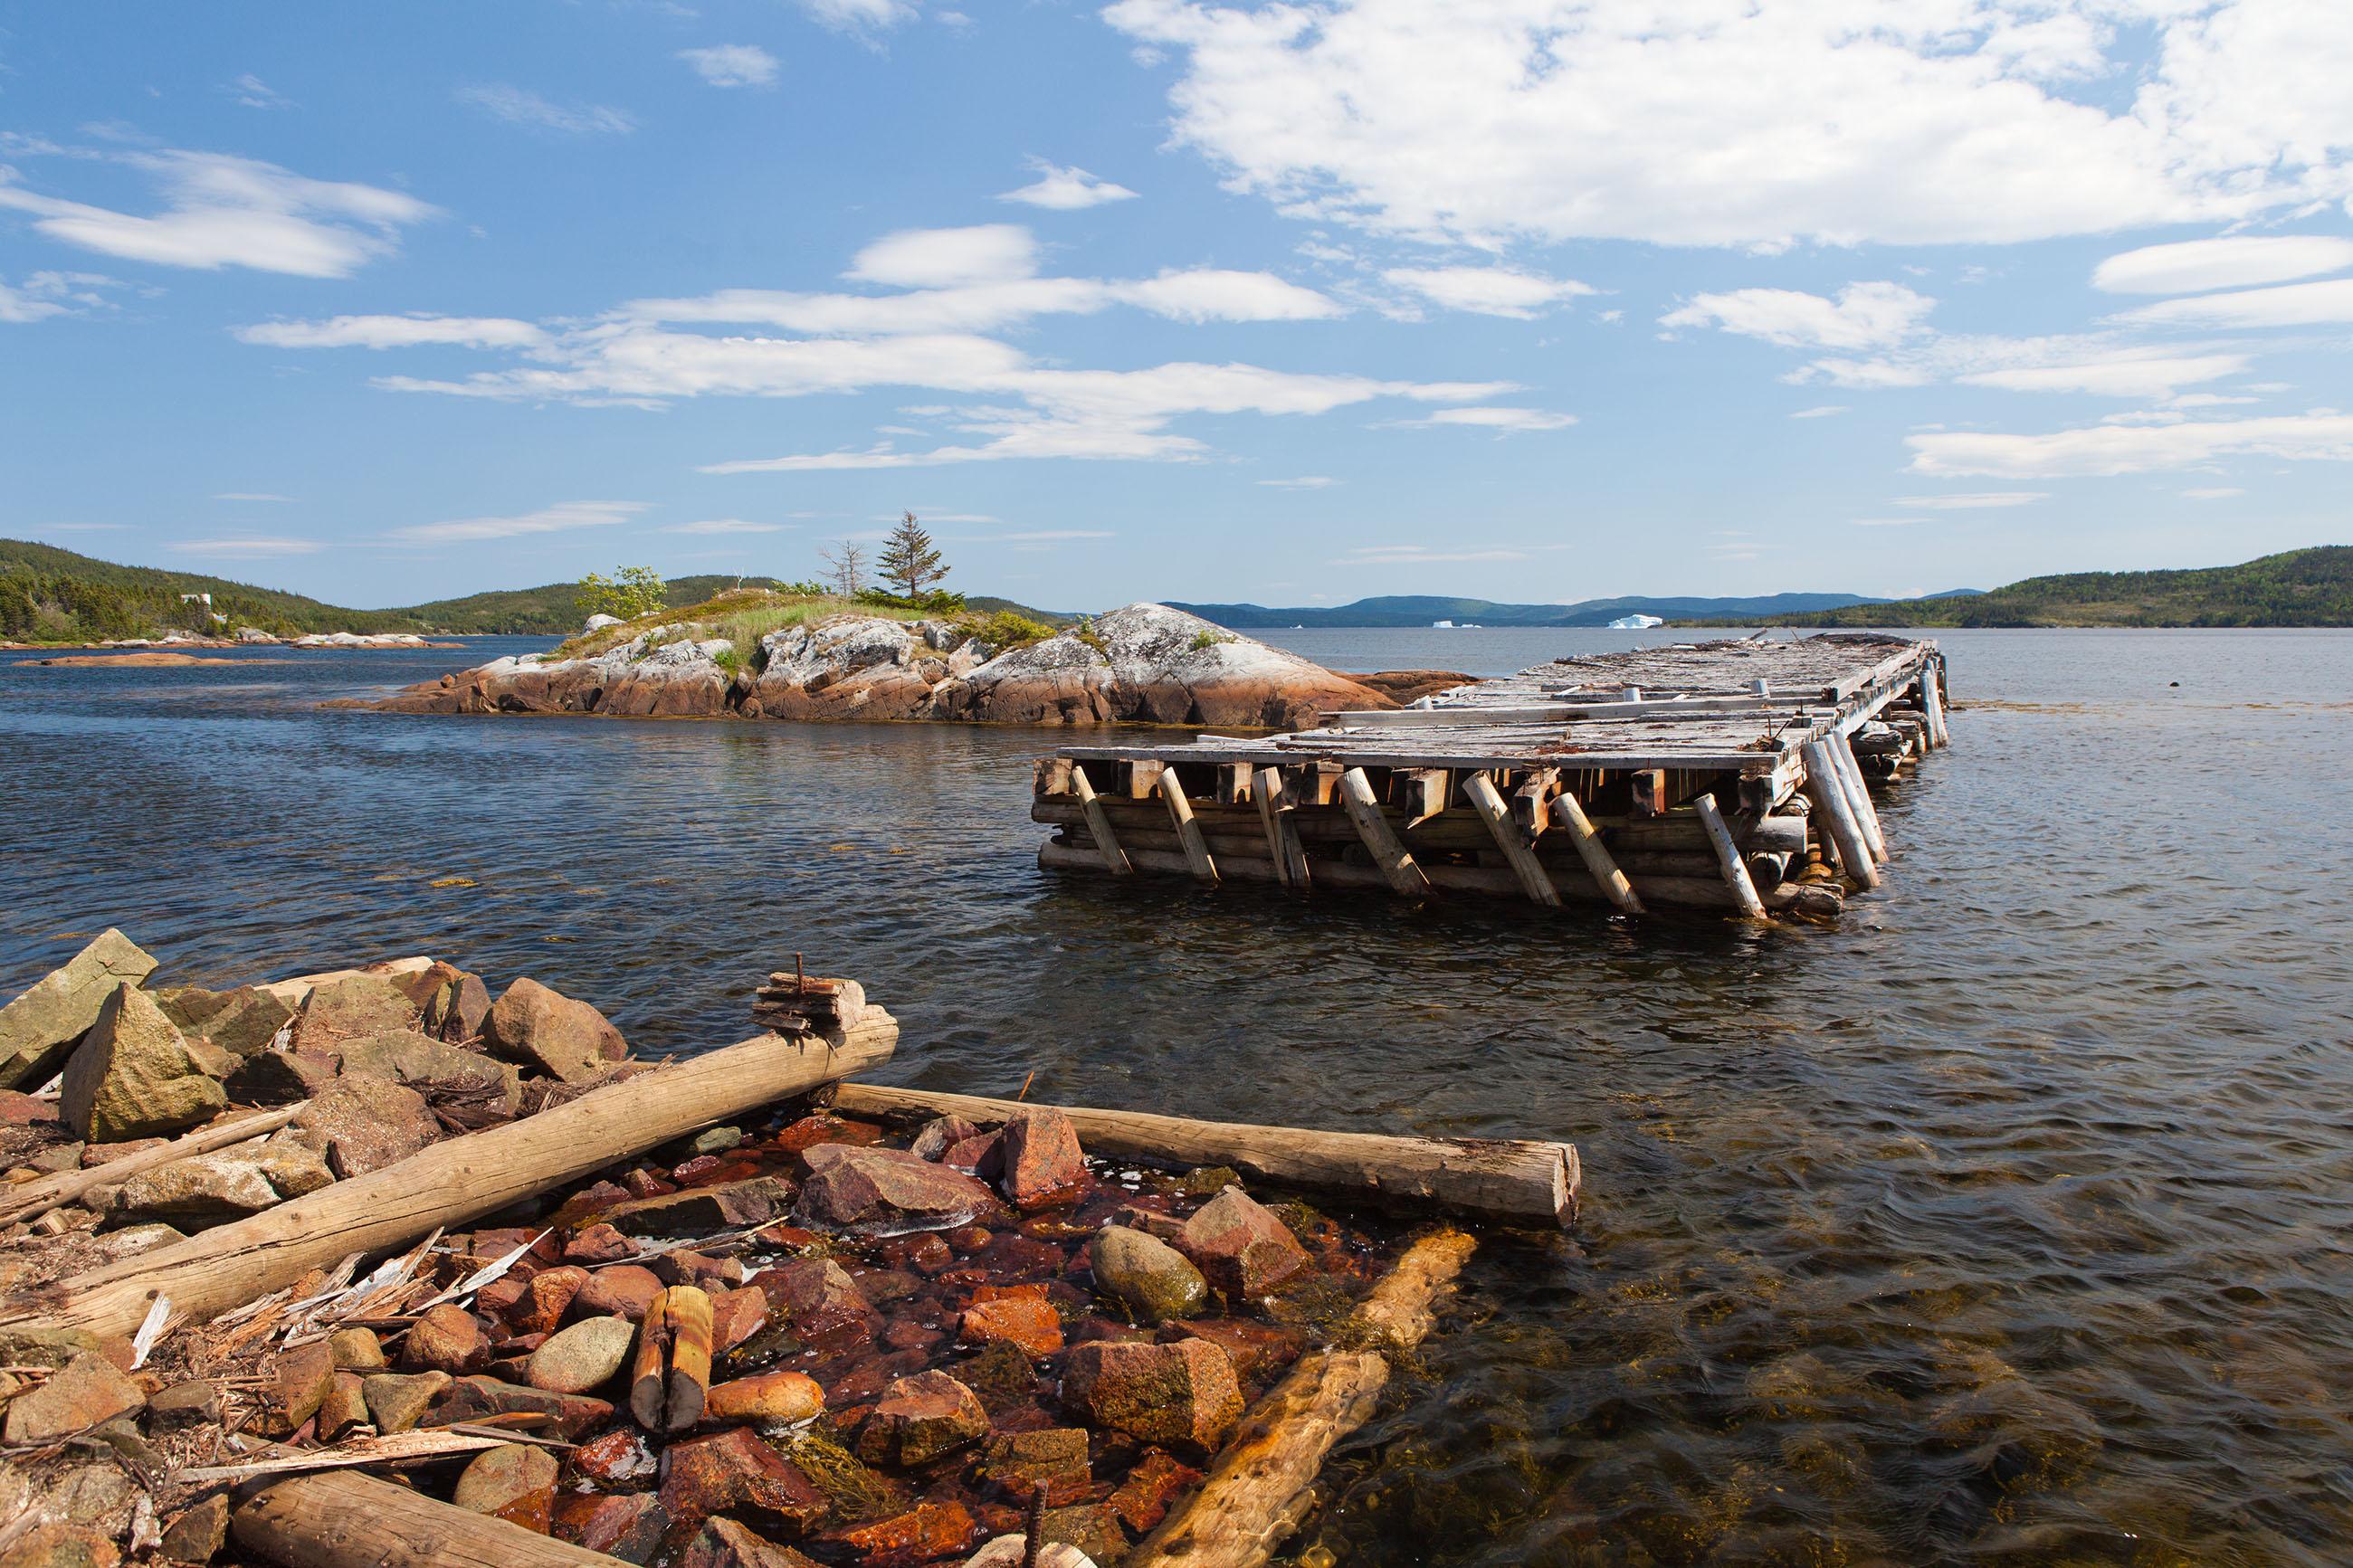 Pier, Sea, Point, Poles, Remains, HQ Photo